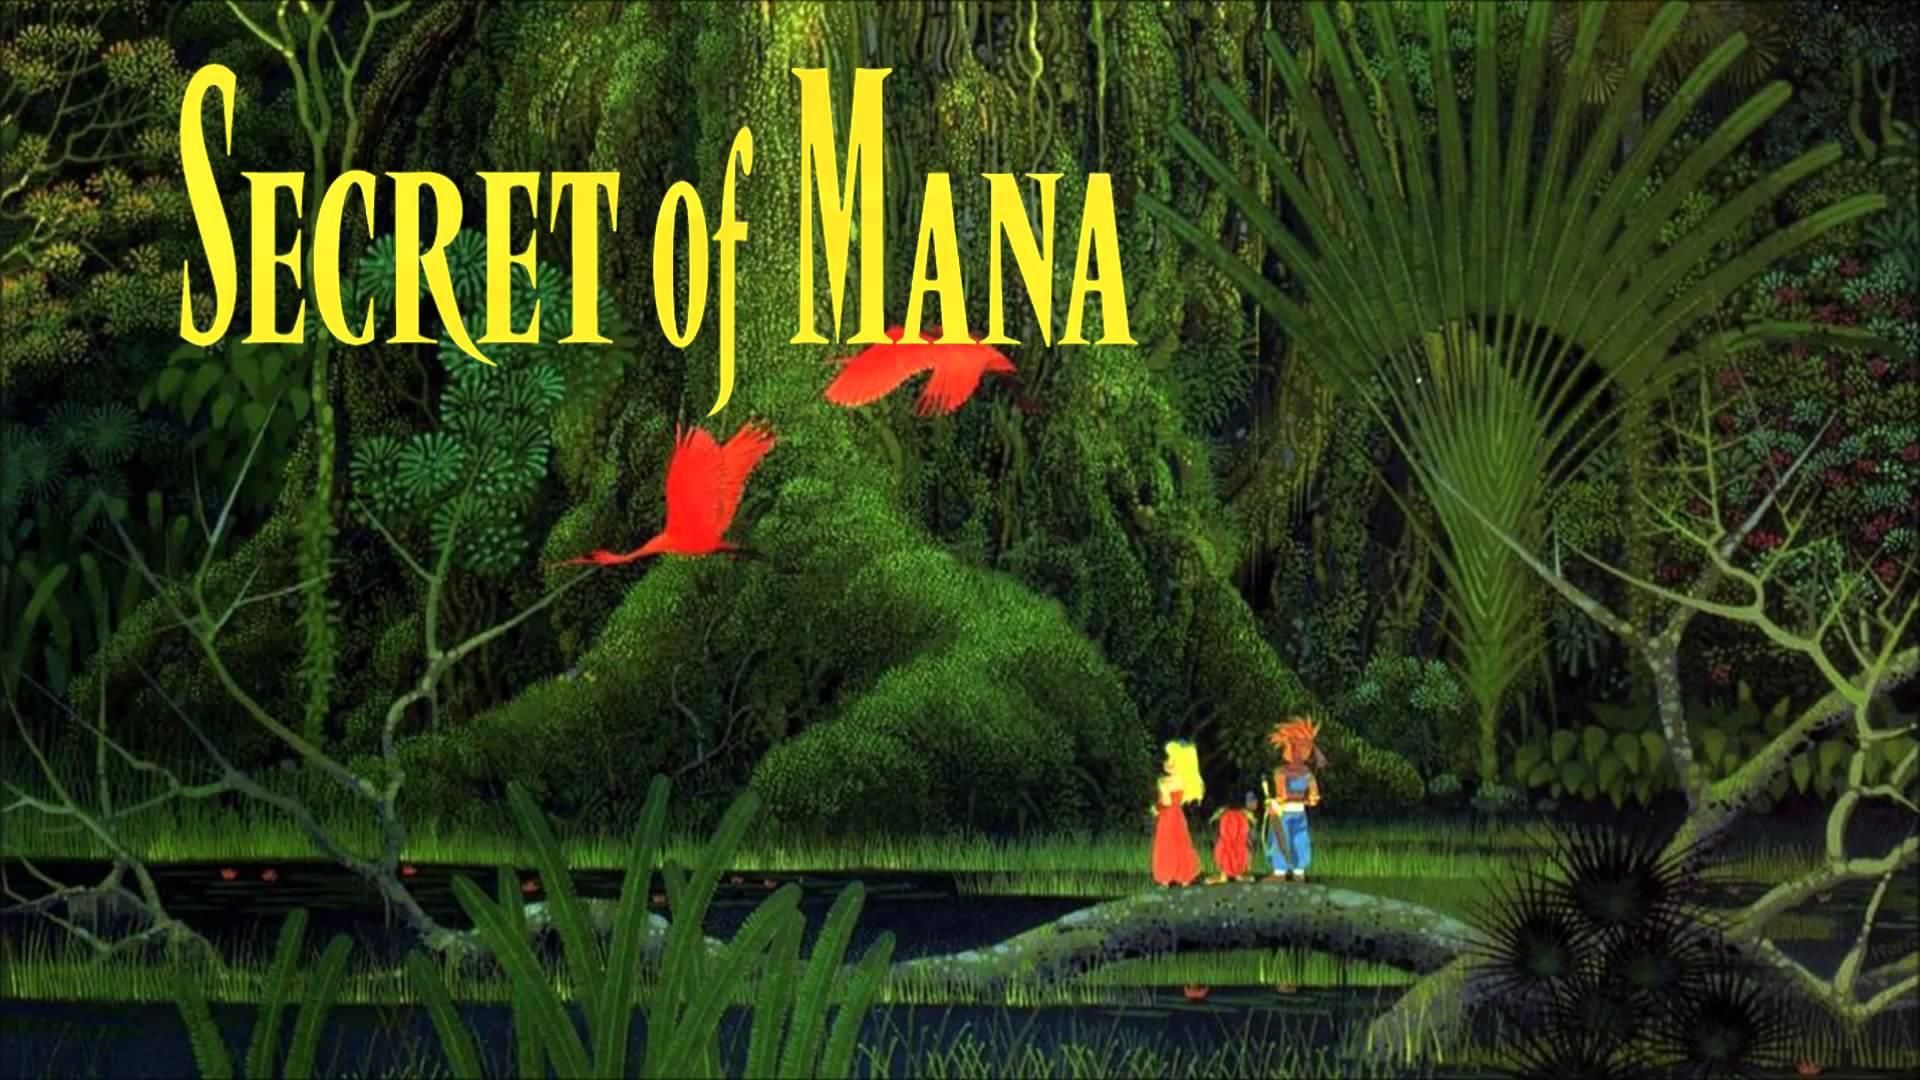 est officiel, le RPG Secret of Mana sortira cet automne sur